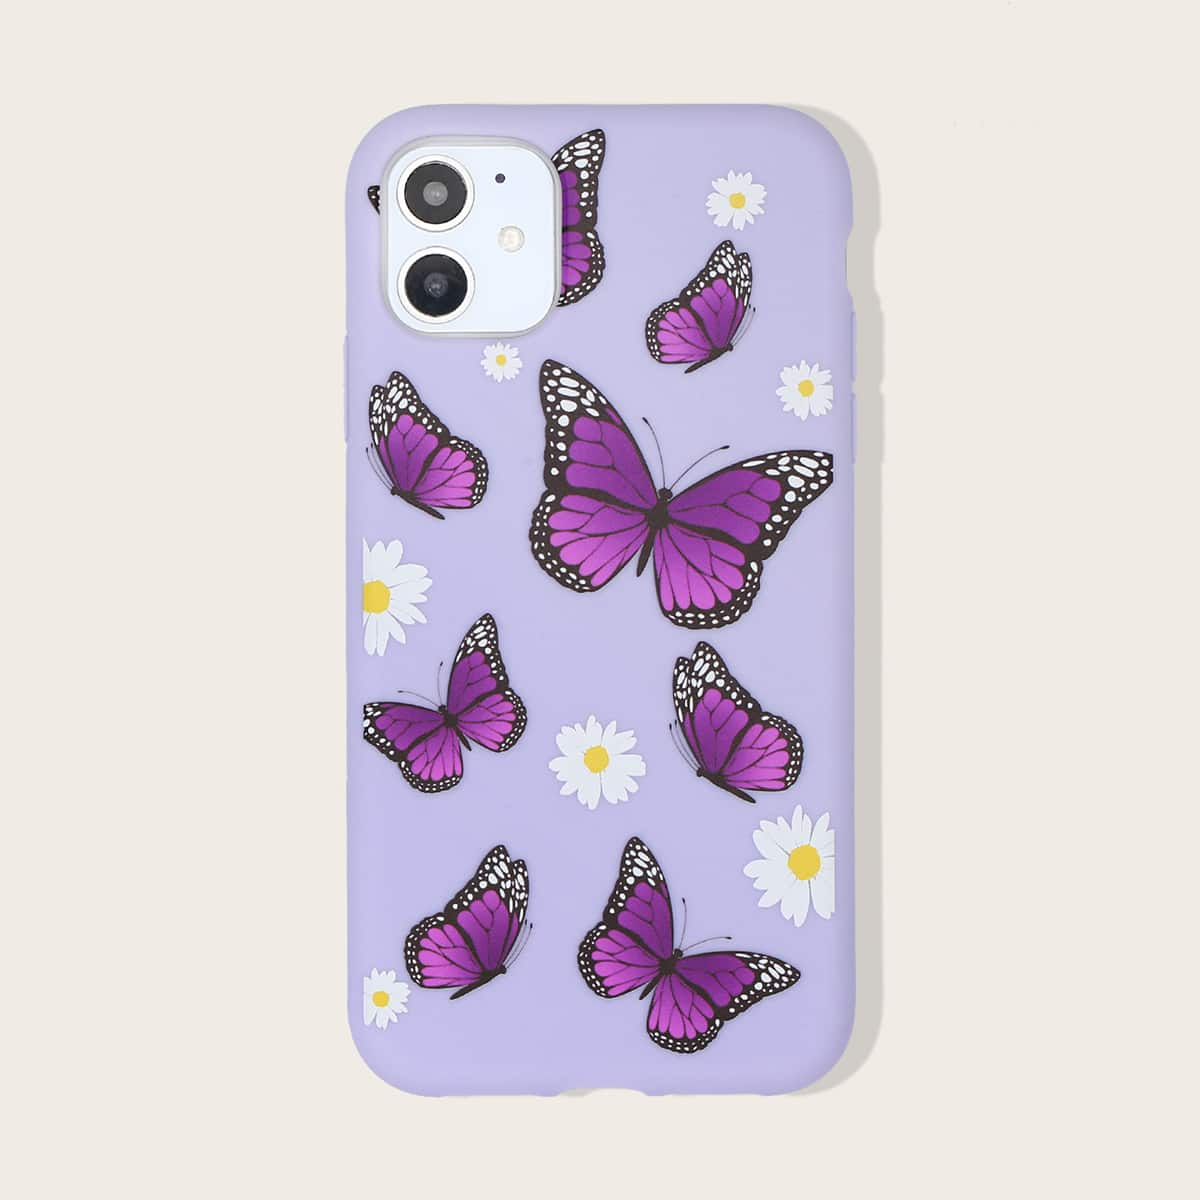 1шт чехол для iPhone с принтом бабочки фото